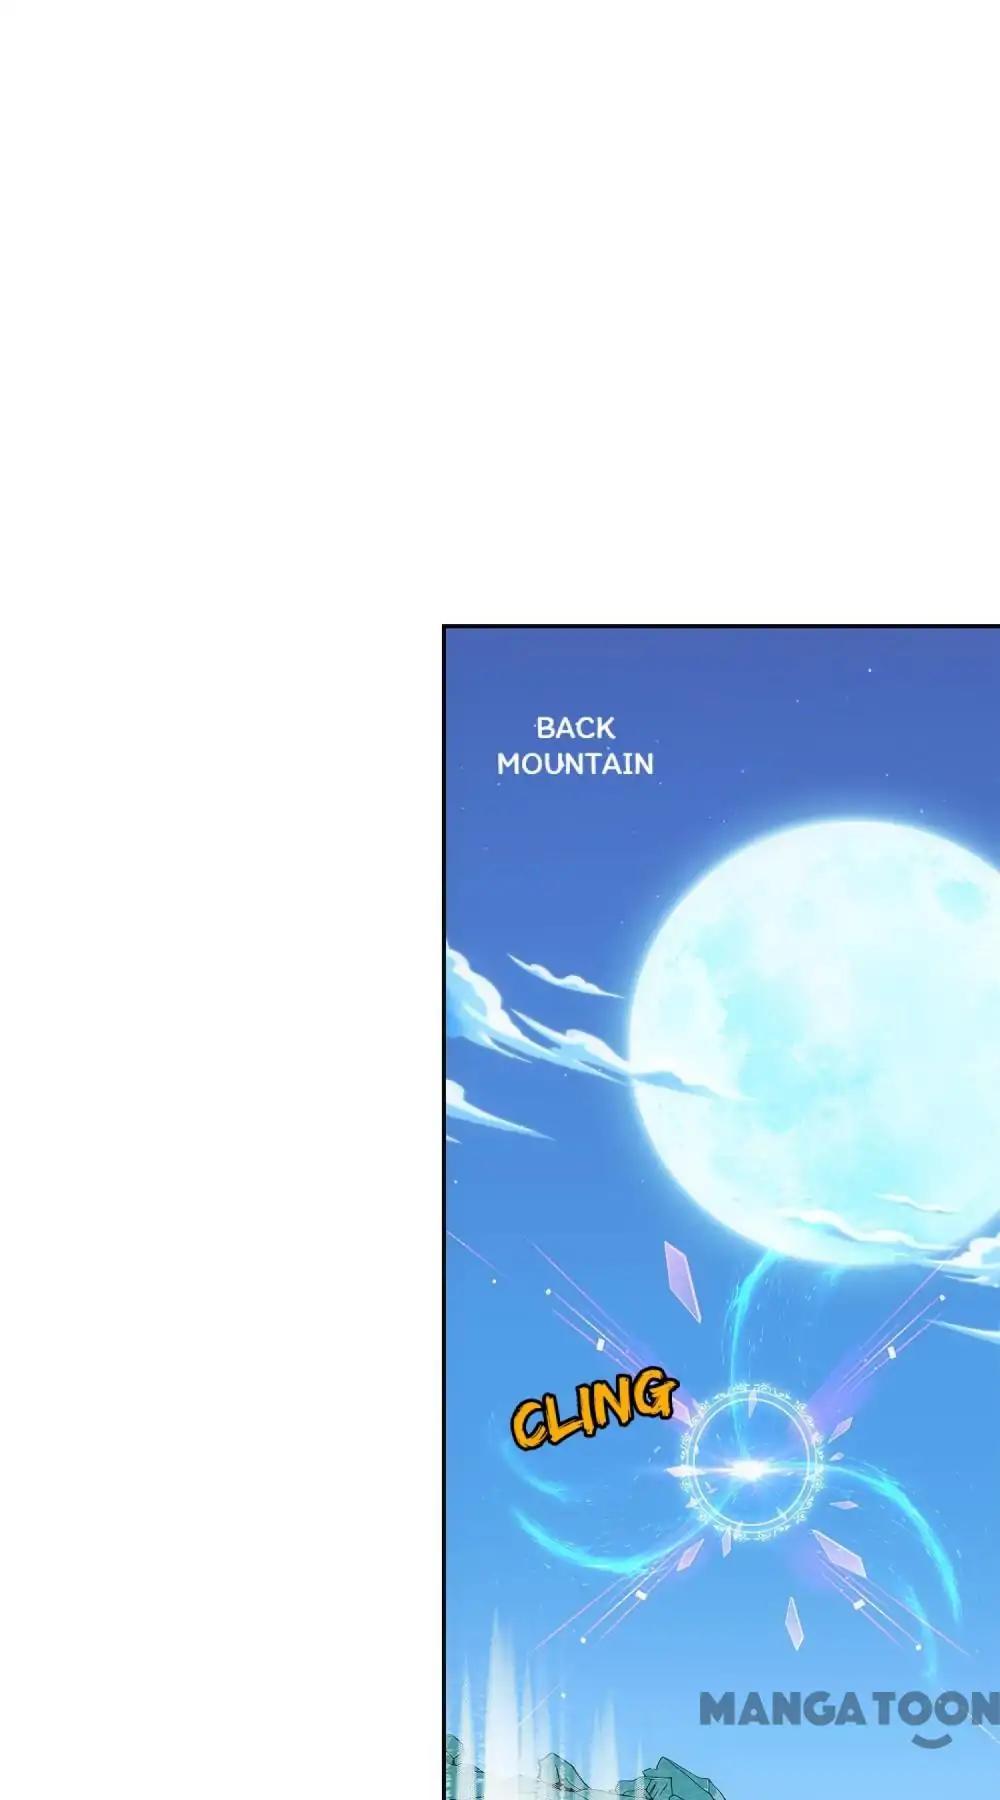 https://img2.nineanime.com/comics/pic2/60/30716/1041912/f91f4d061c663e30e058cb62bd7e4ec5.jpg Page 1